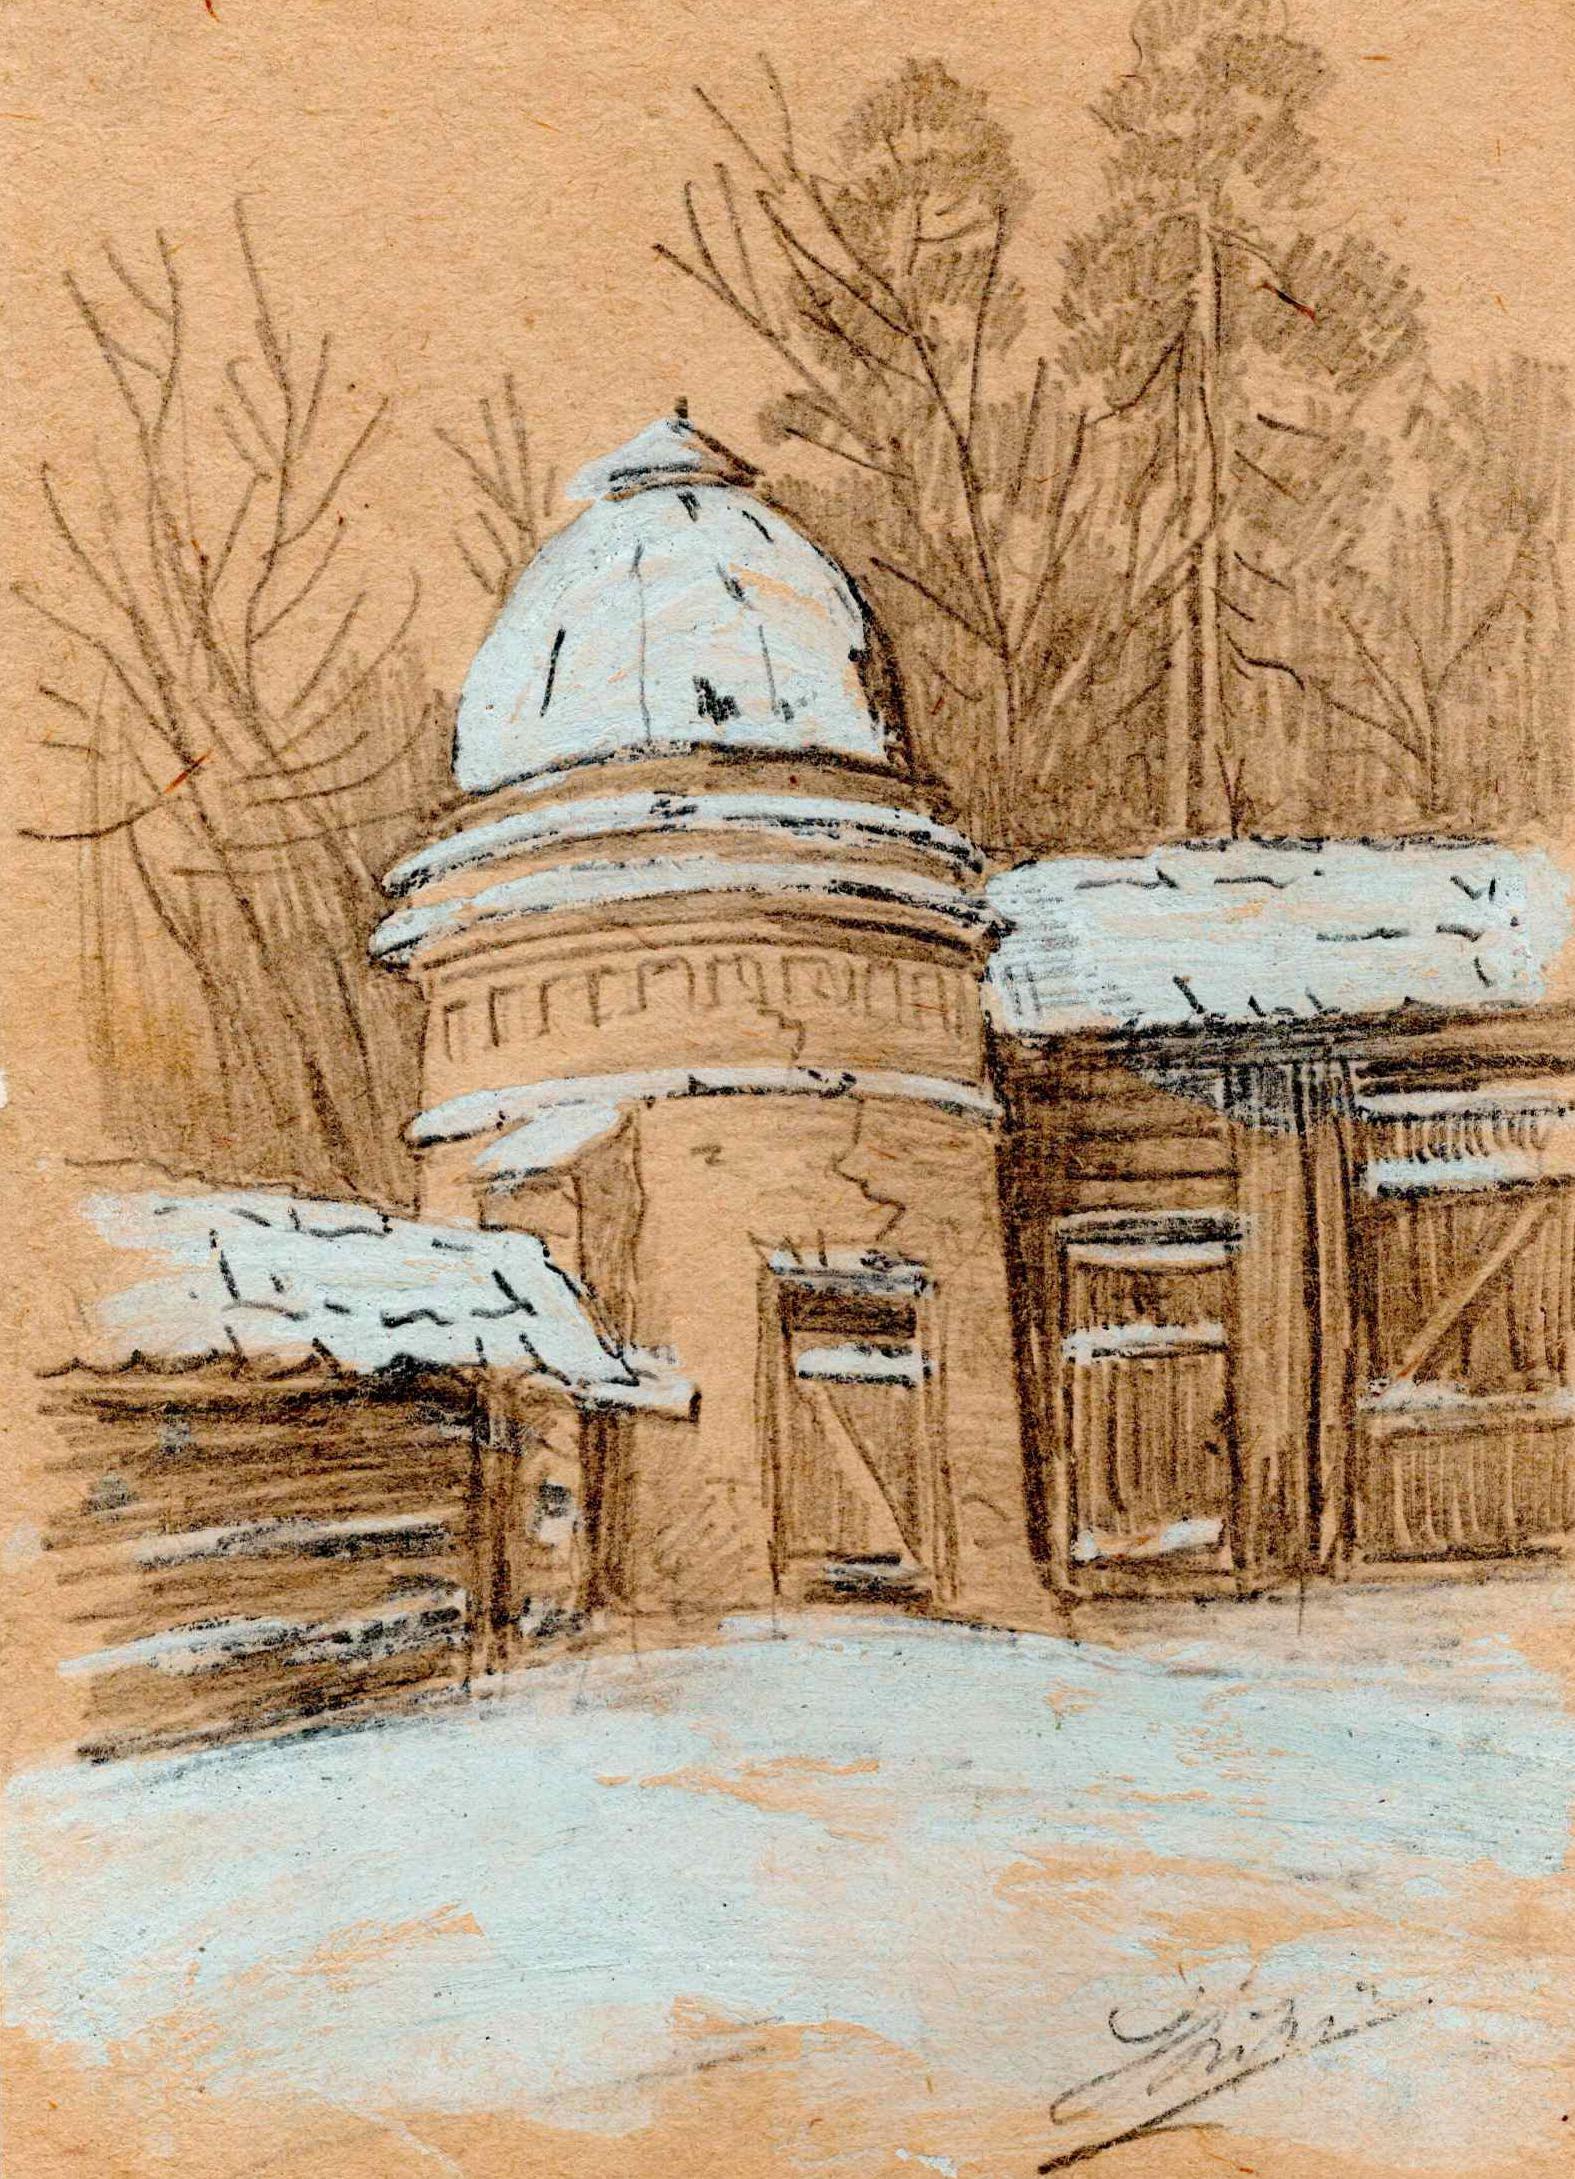 Rysunek przedstawiający zabudowania dawnego klasztoru zamienionego naobóz, widać podniszczoną, murowaną wieżyczkę zkopułą izabudowania gospodarcze, Józef Lipiński, Łagier, ołówek, tempera, 1940